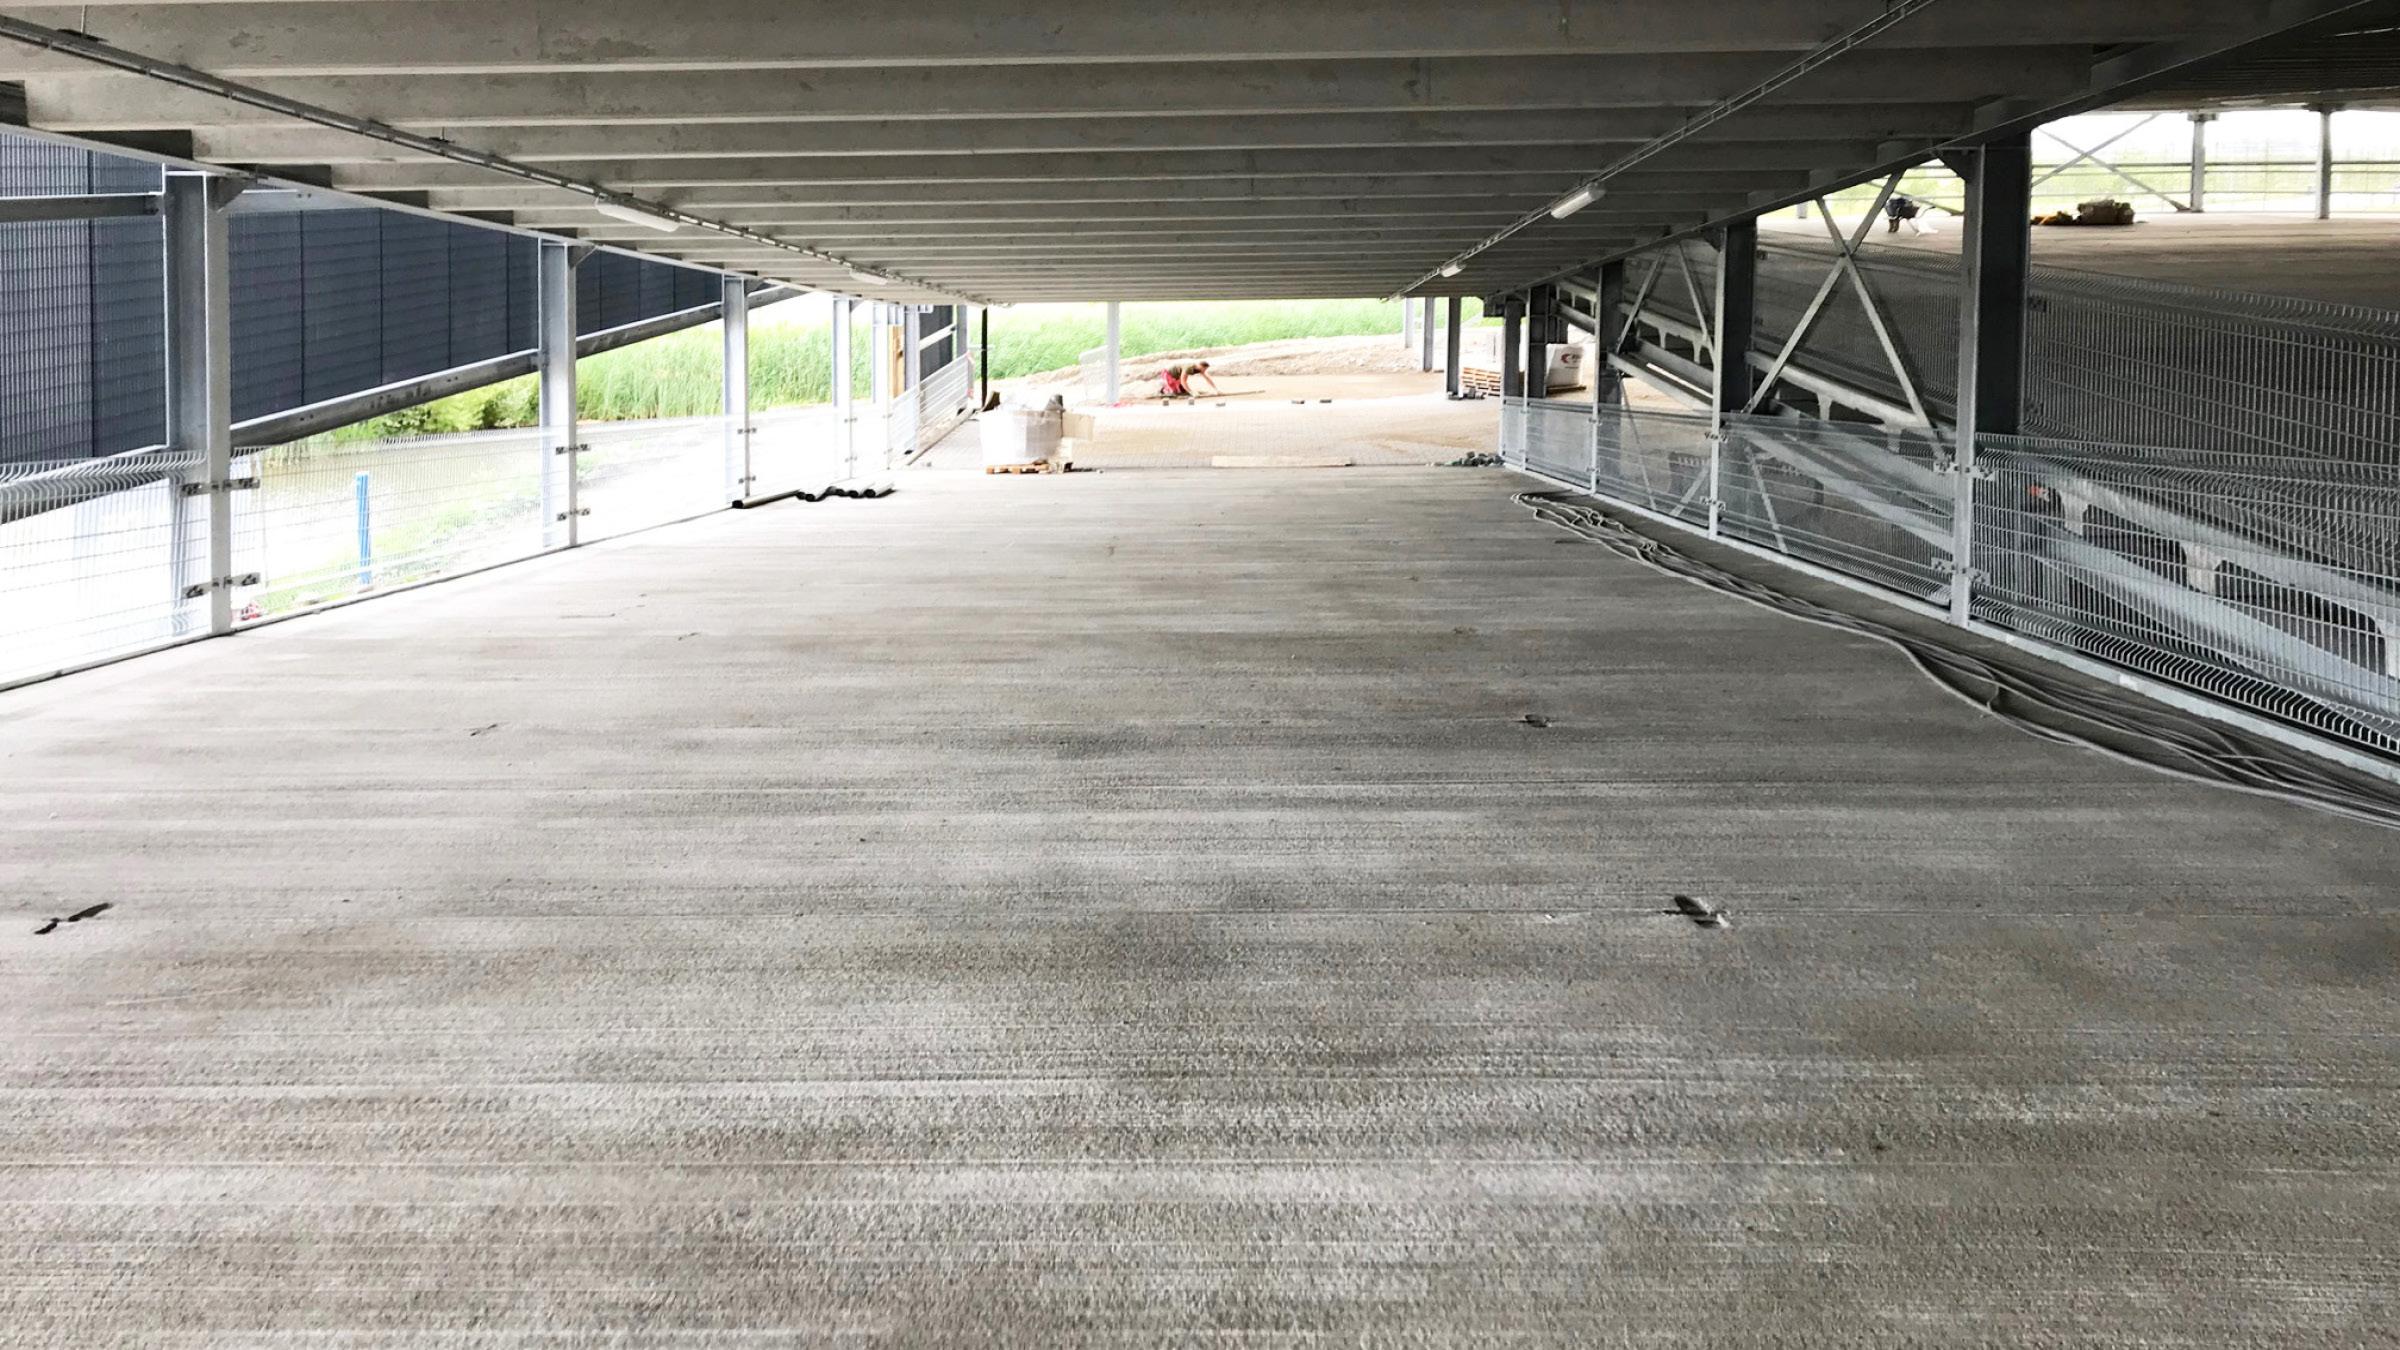 Afbouw gestart voor nieuwe parkeergarage SEGRO Hoofddorp